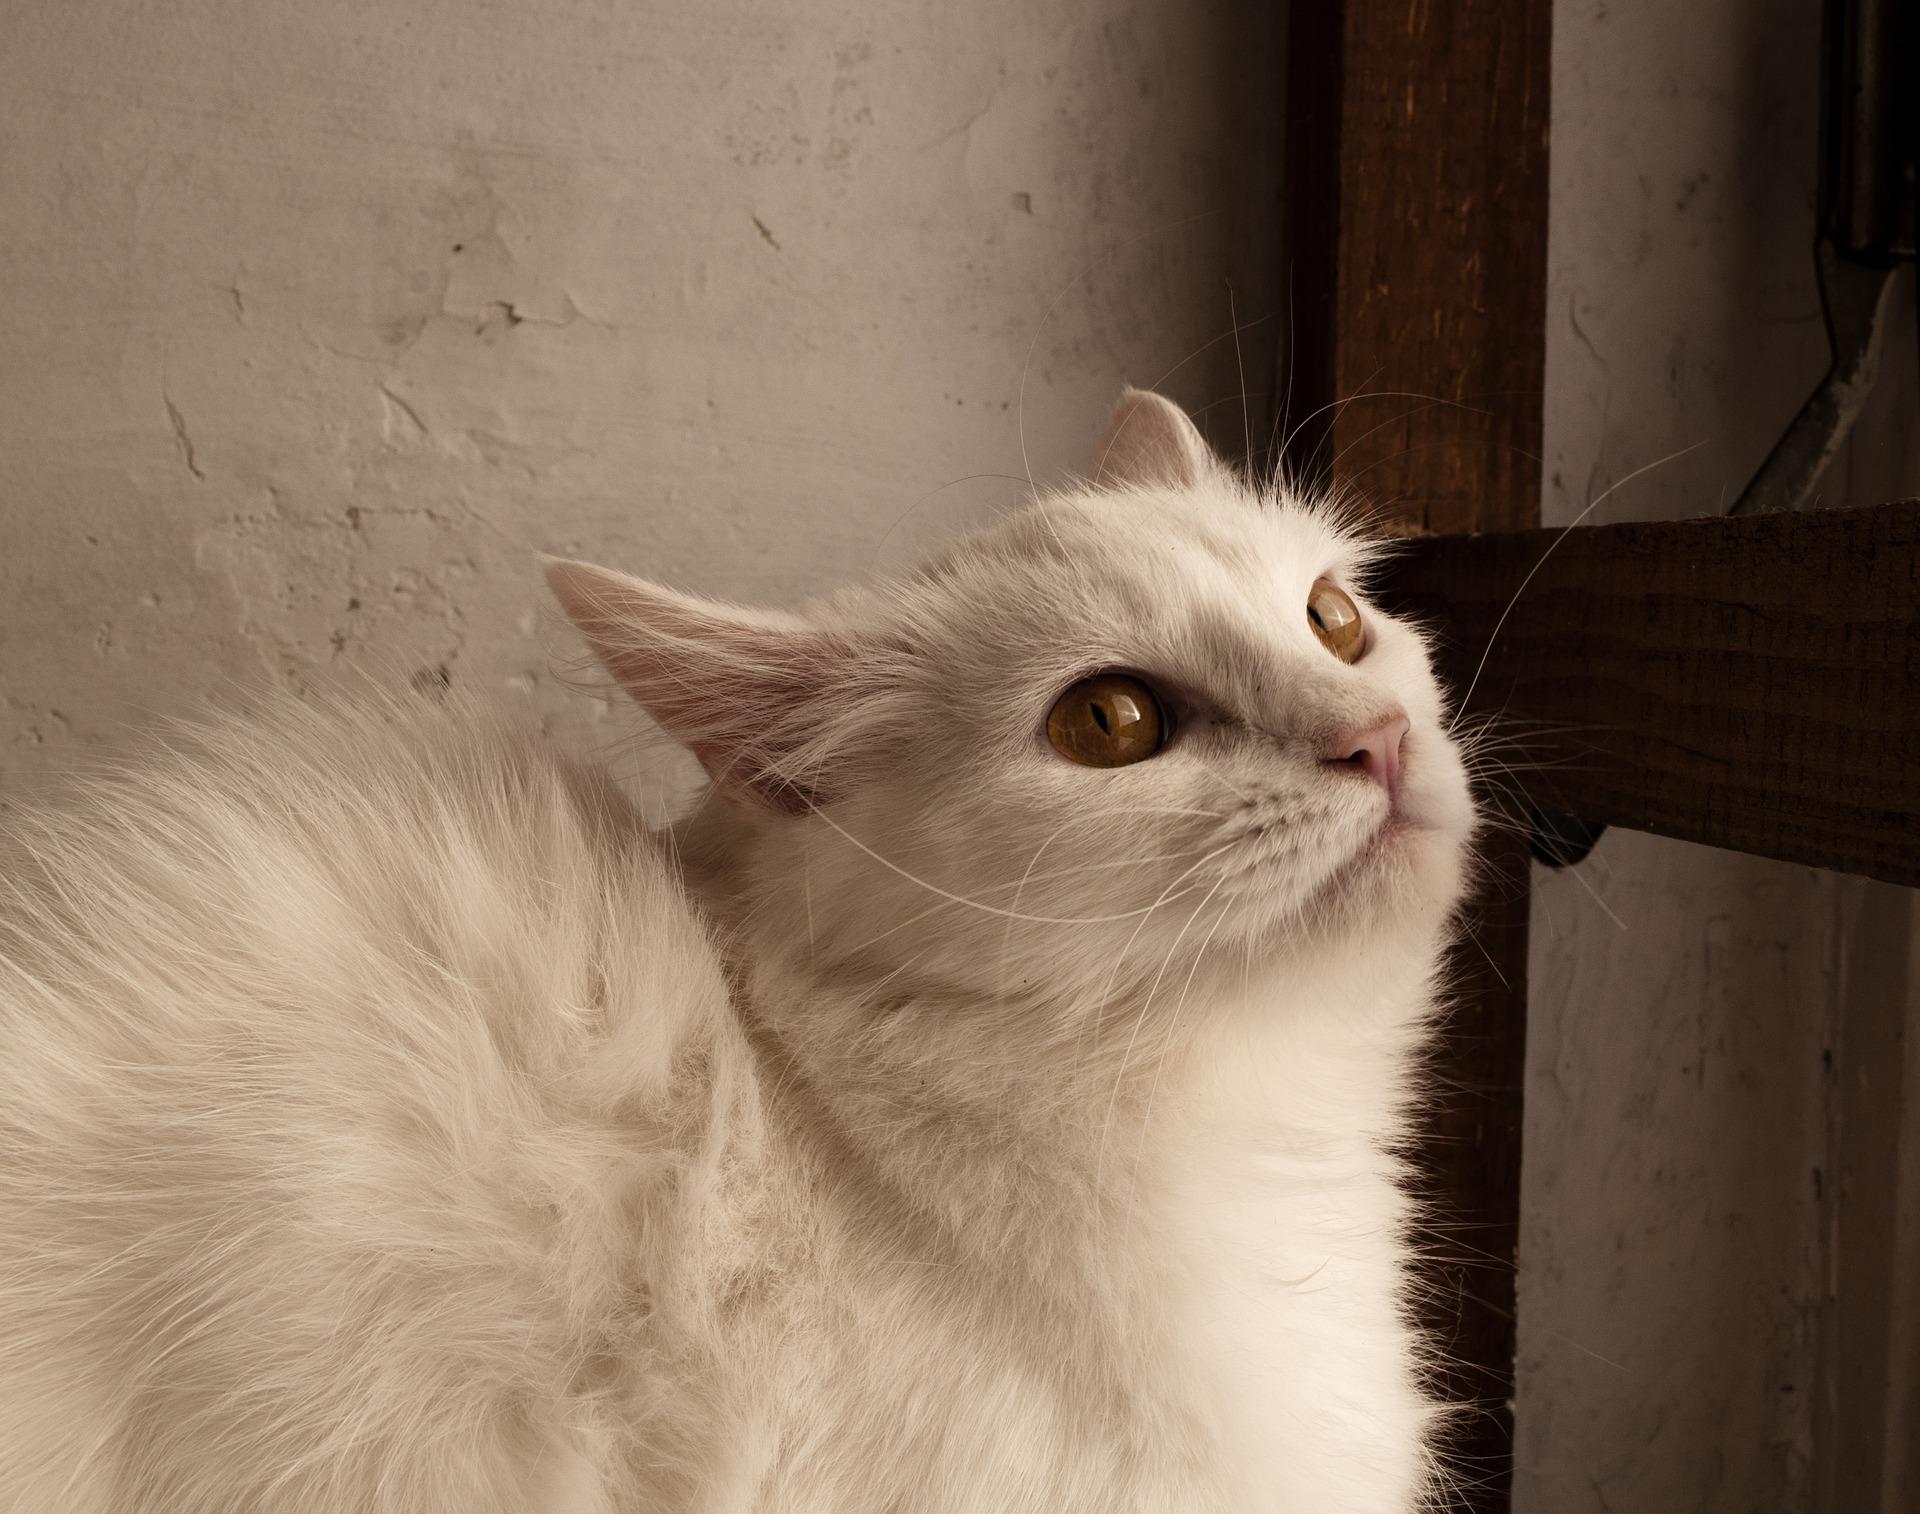 Proč značkují i vykastrované kočky?